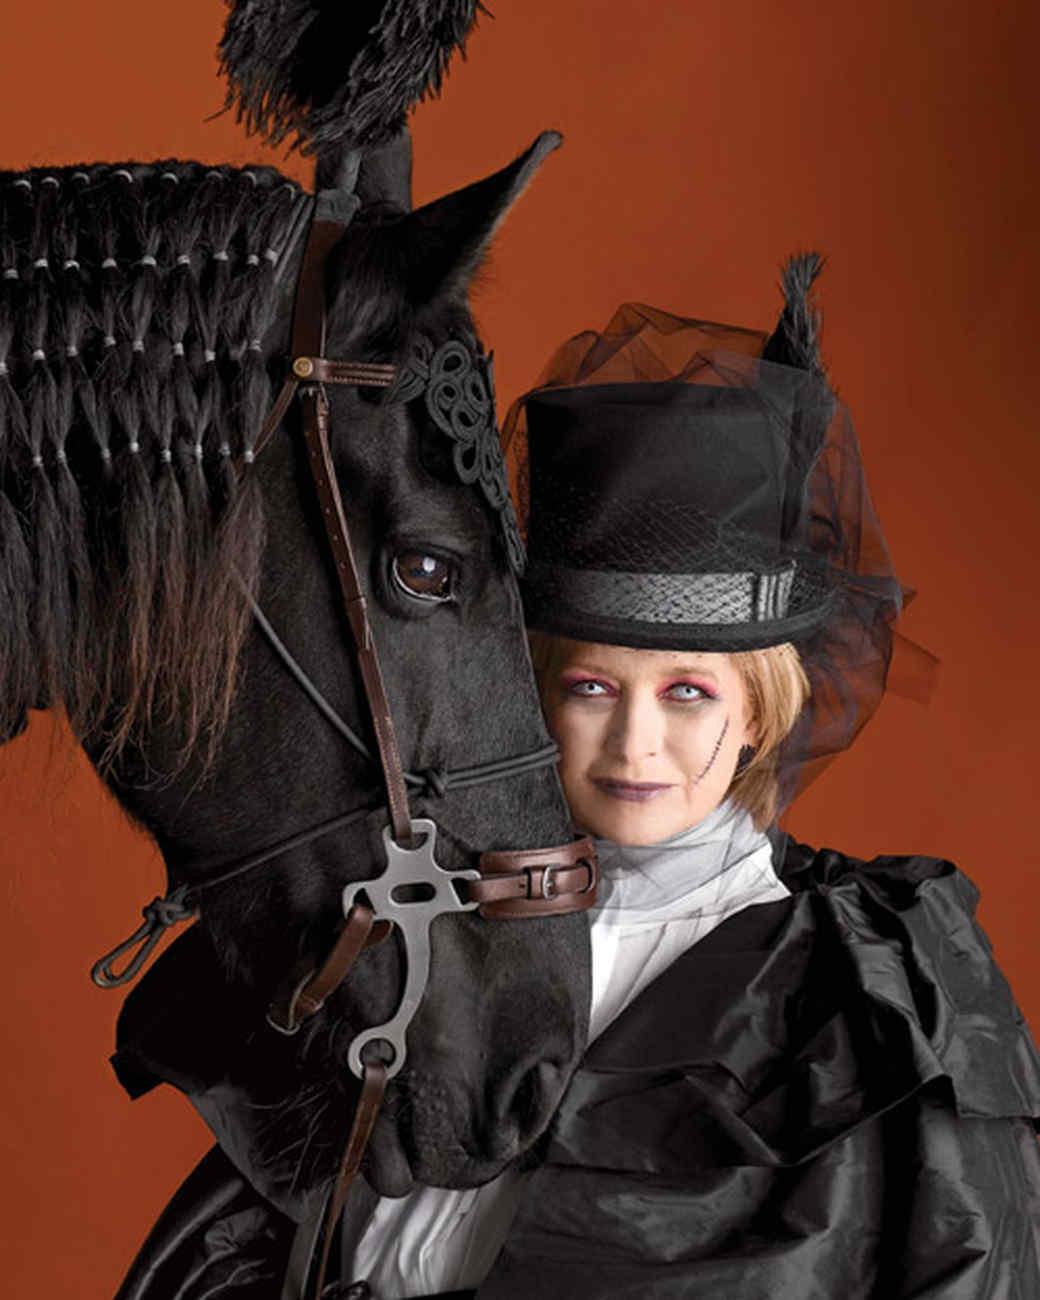 Martha Stewart: Martha Stewart's Halloween Costumes Through The Years